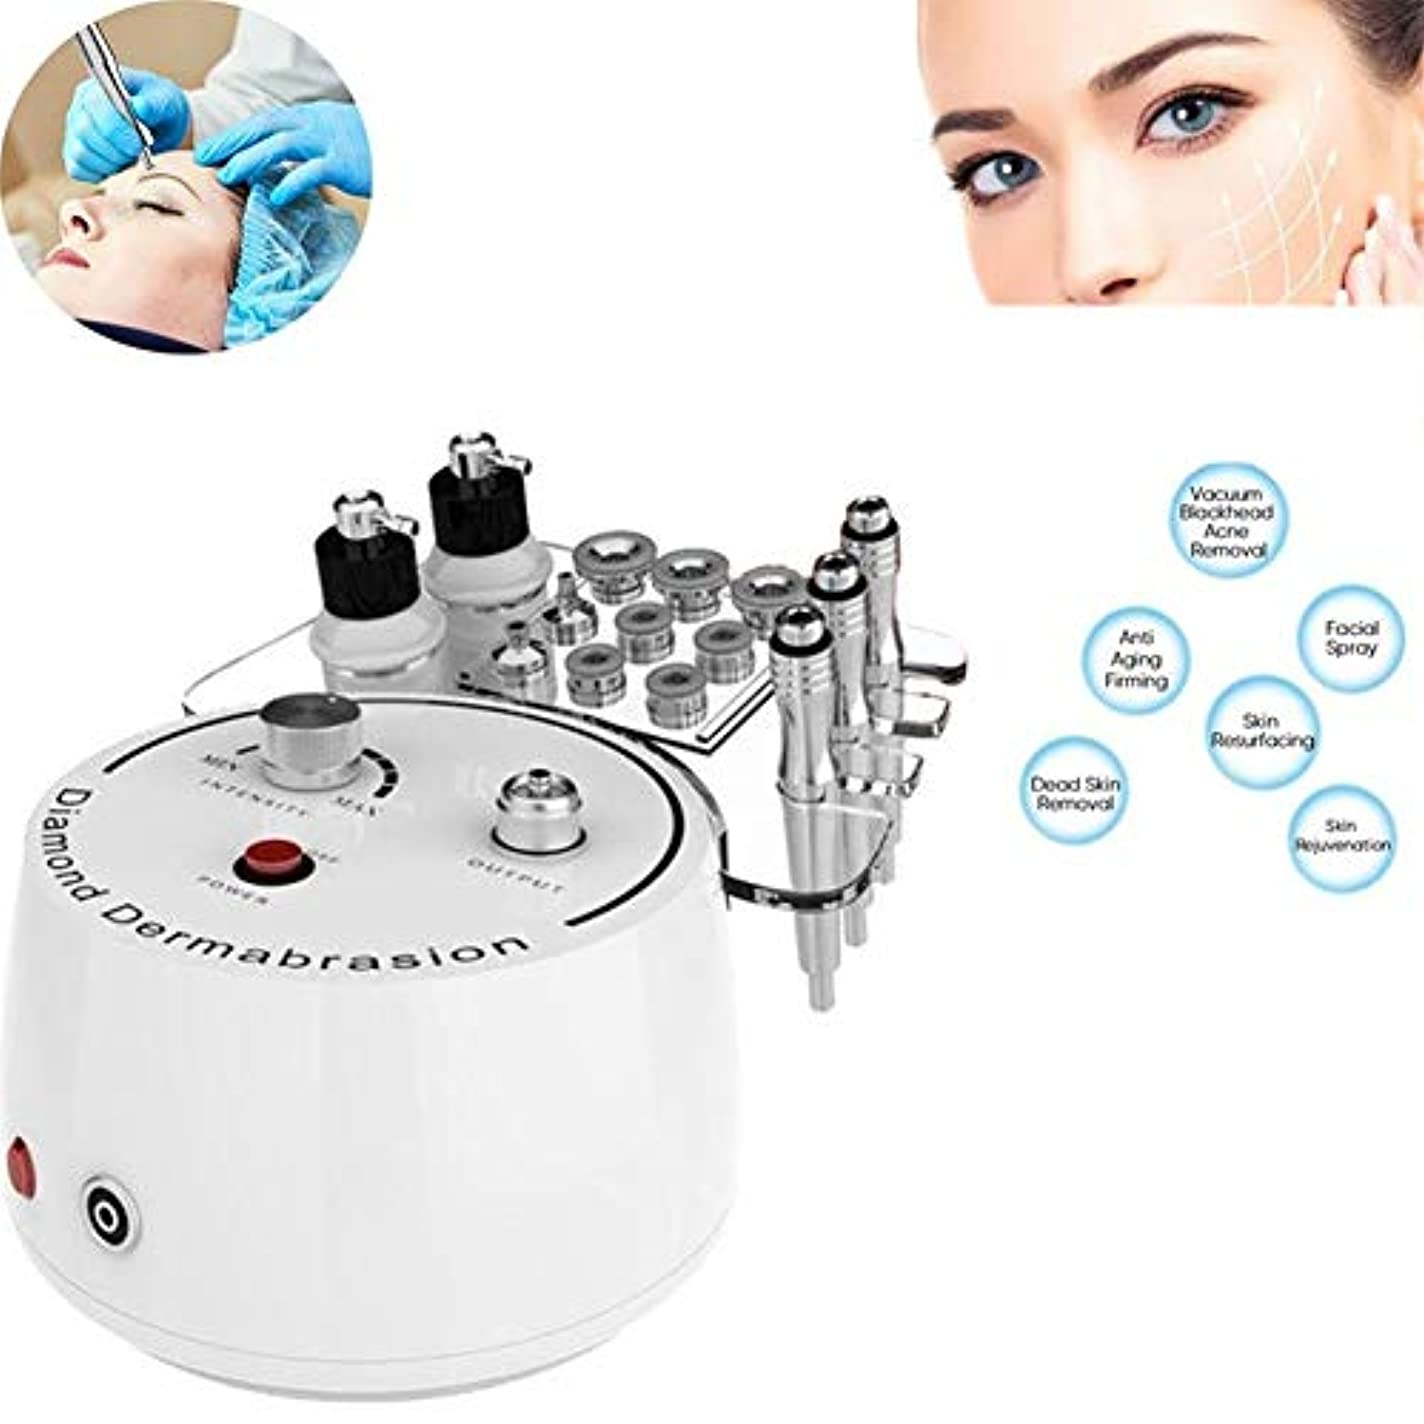 前投薬粘り強いウナギ1ダイヤモンドマイクロダーマブレーション皮膚剥離機ホームフェイシャル美容機器に付き3